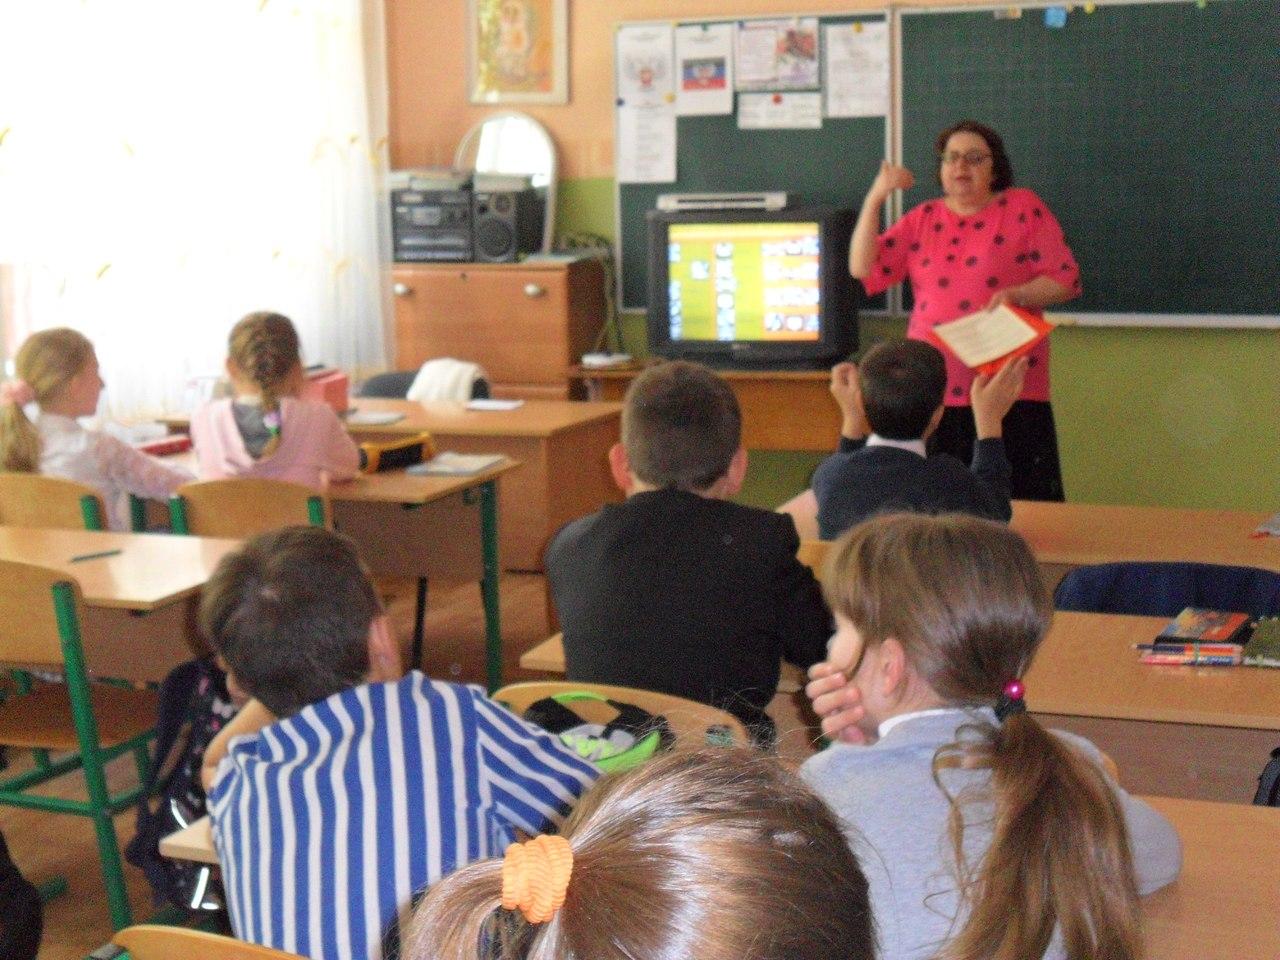 донецкая республиканская библиотека для детей, отдел искусств, славянский алфавит, день славянской письменности